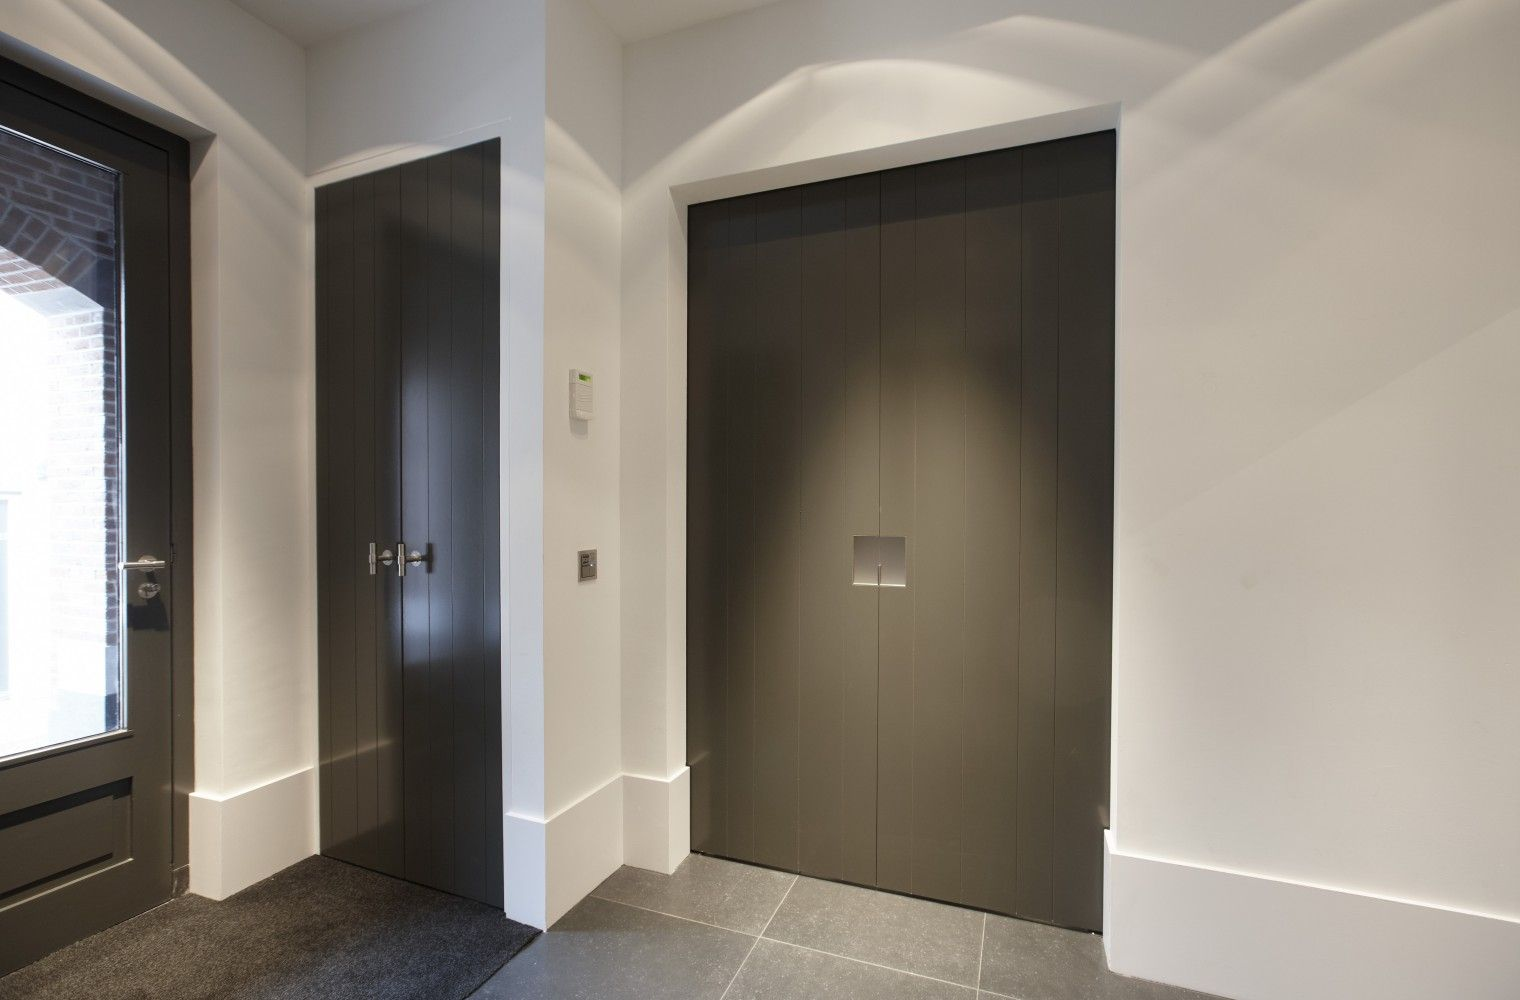 Hal met deuren van bod or model oostzaan design by piet boon